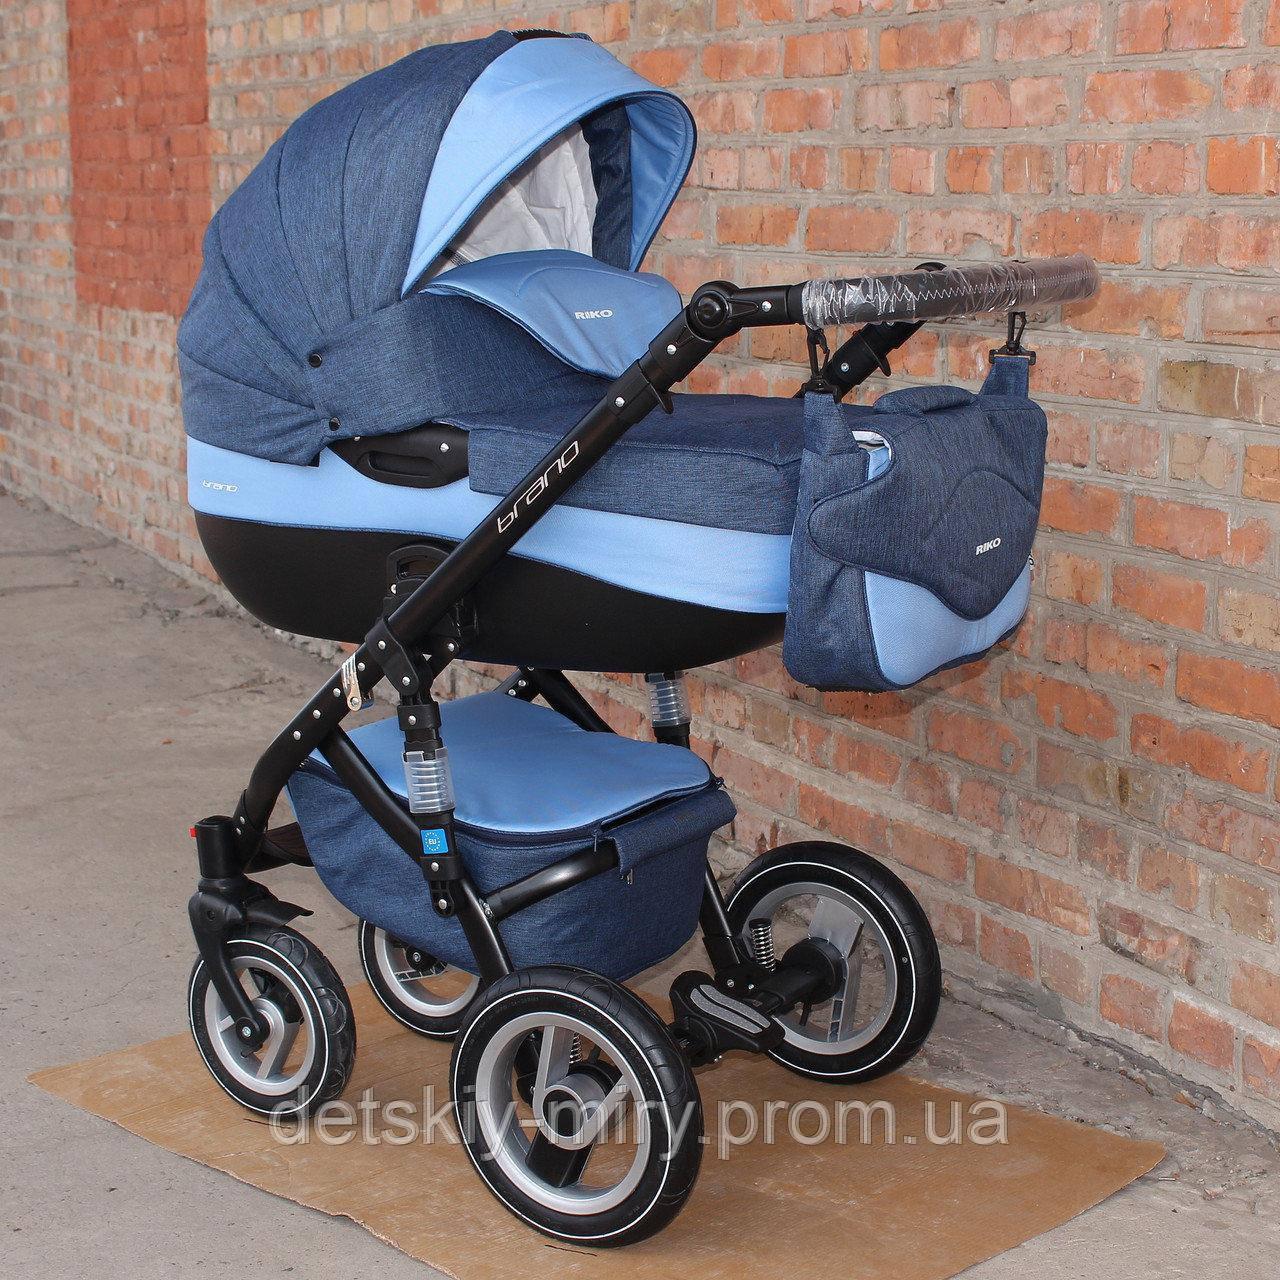 Детская универсальная коляска 2 в 1 Riko Brano - фото 2